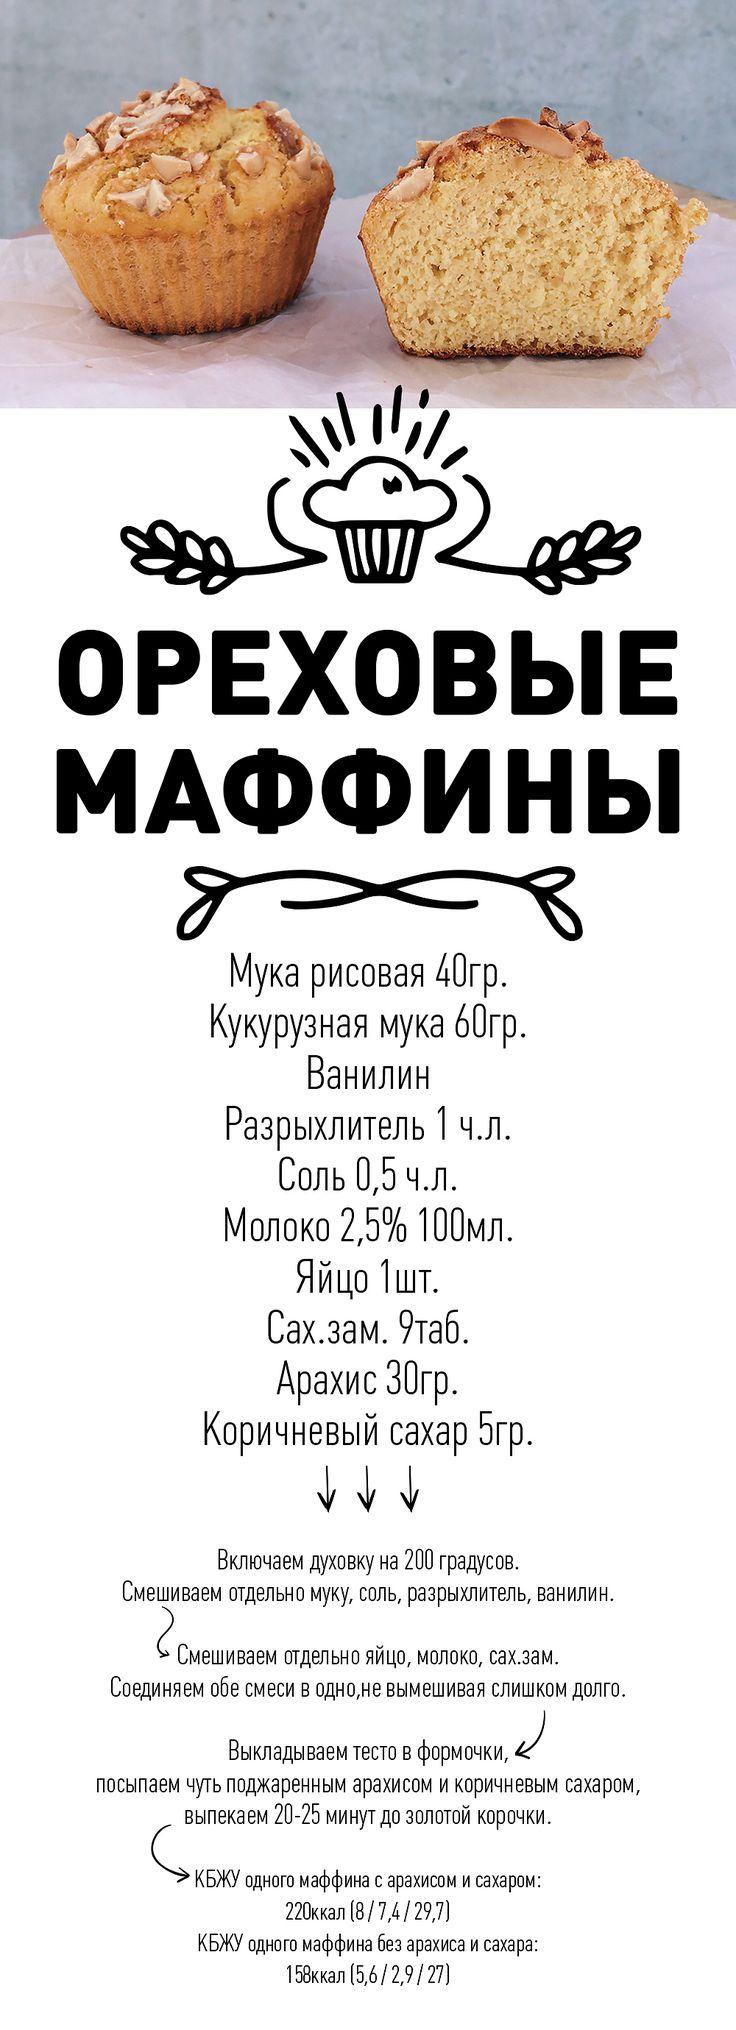 пп рецепт на русском, кексы без сахара и масла, безглютеновая выпечка, маффины пп, маффины без сахара и масла, пп десерт, пп кексы Как заменить сливочное масло в кексах? Что будет, если заменить сливочное масло в маффинах, Рецепты пп, Десерт пп, правильное питание, диетический рецепт, рецепт на русском